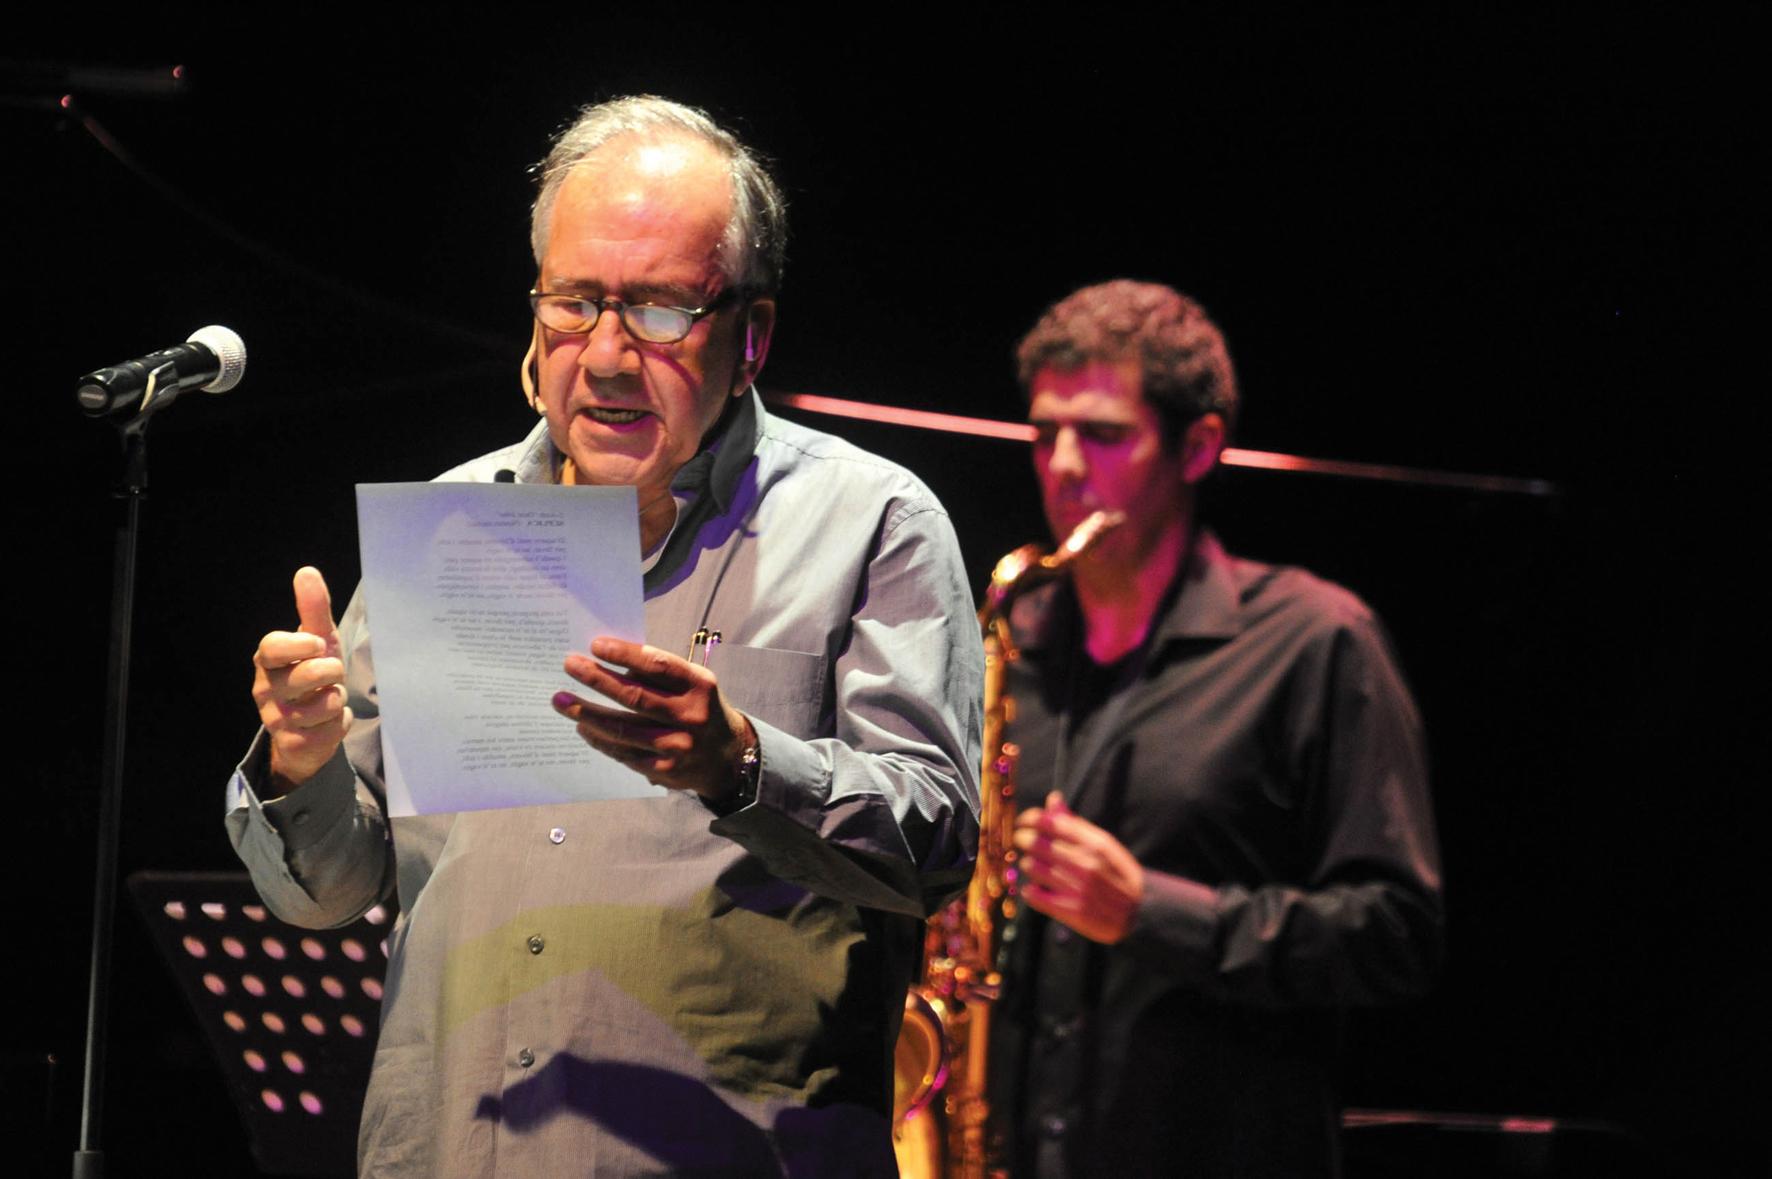 El TMR ofereix el recital de Joan Margarit Des d'on tornar a estimar, dins la programació del Març Poètic